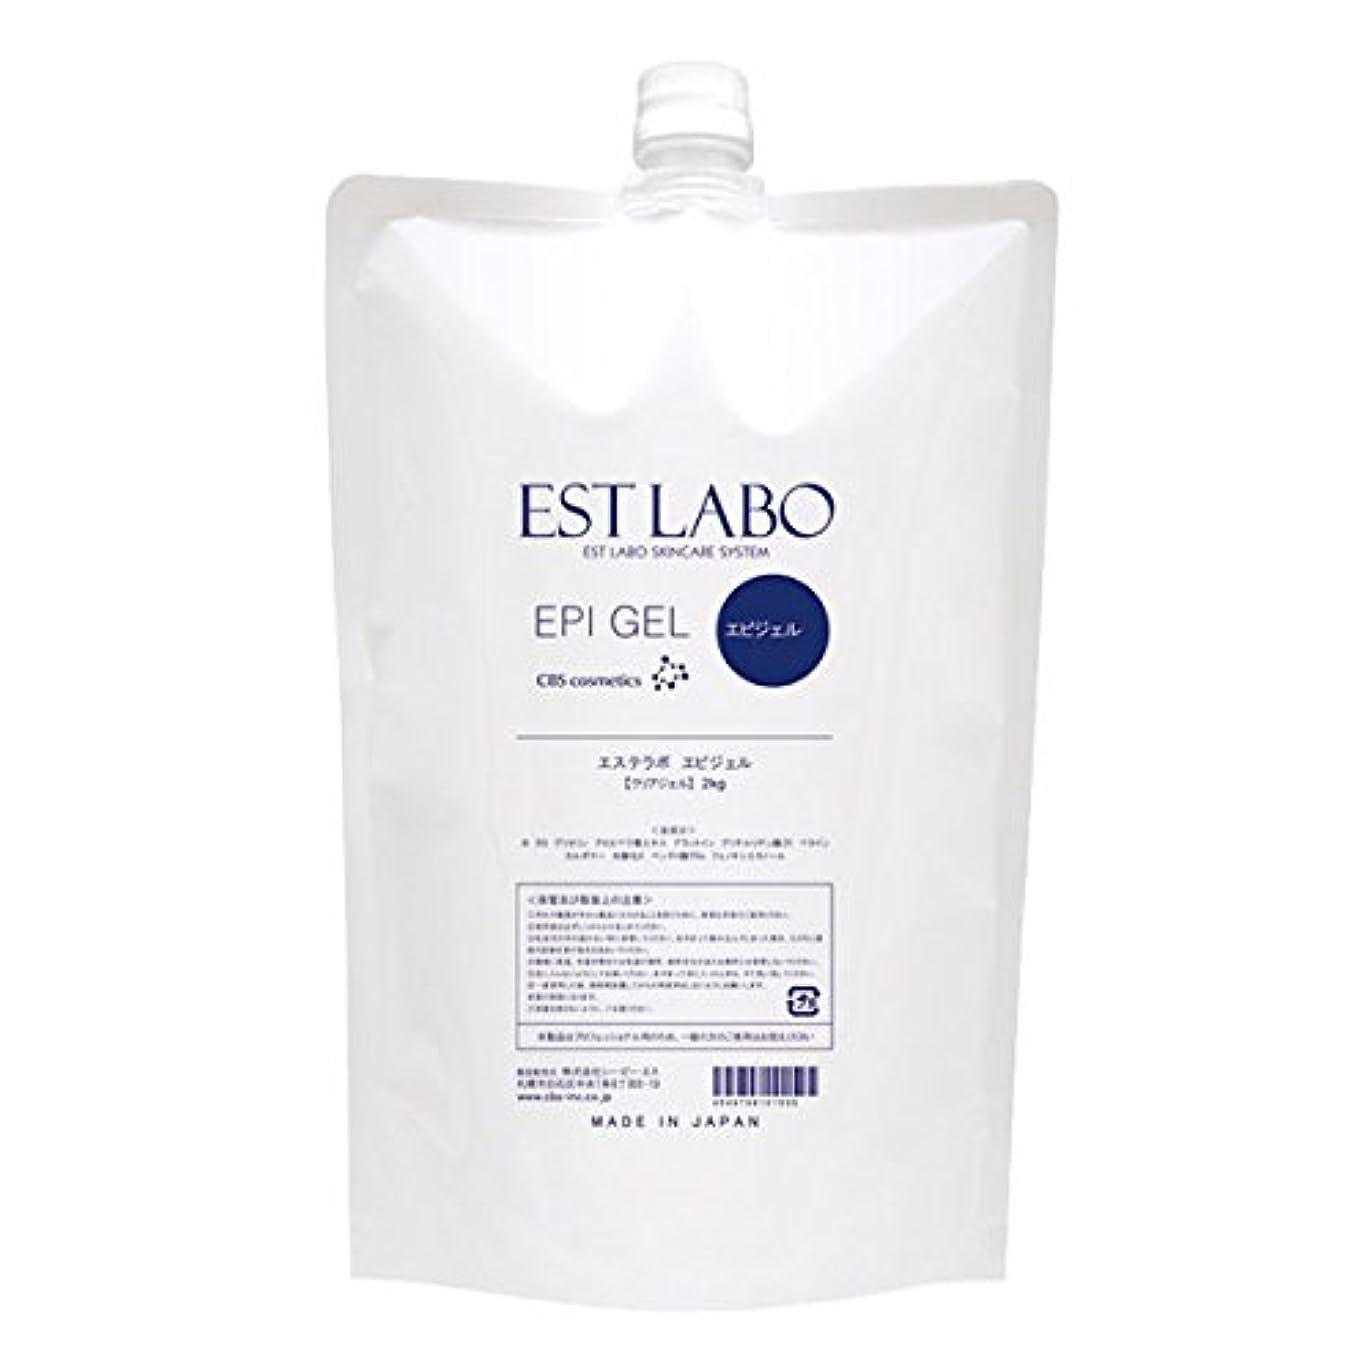 実証する動機付ける優れました脱毛 EST LABO エピジェル(1袋?2kg)×2 合計2袋?4kg 業務用